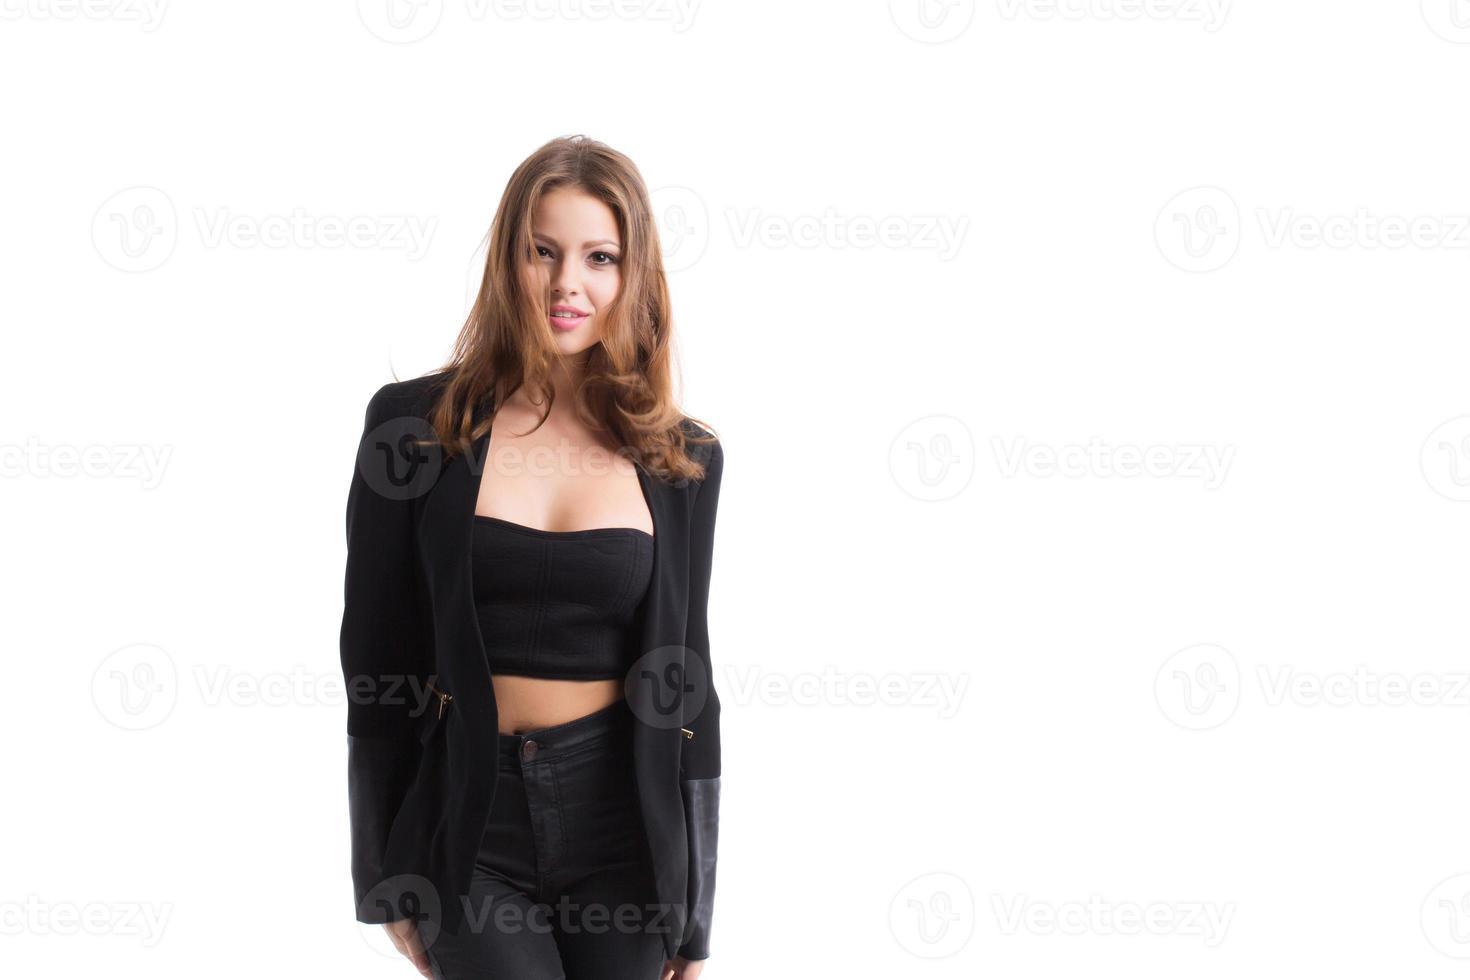 mode säker kvinna i svarta kläder. foto